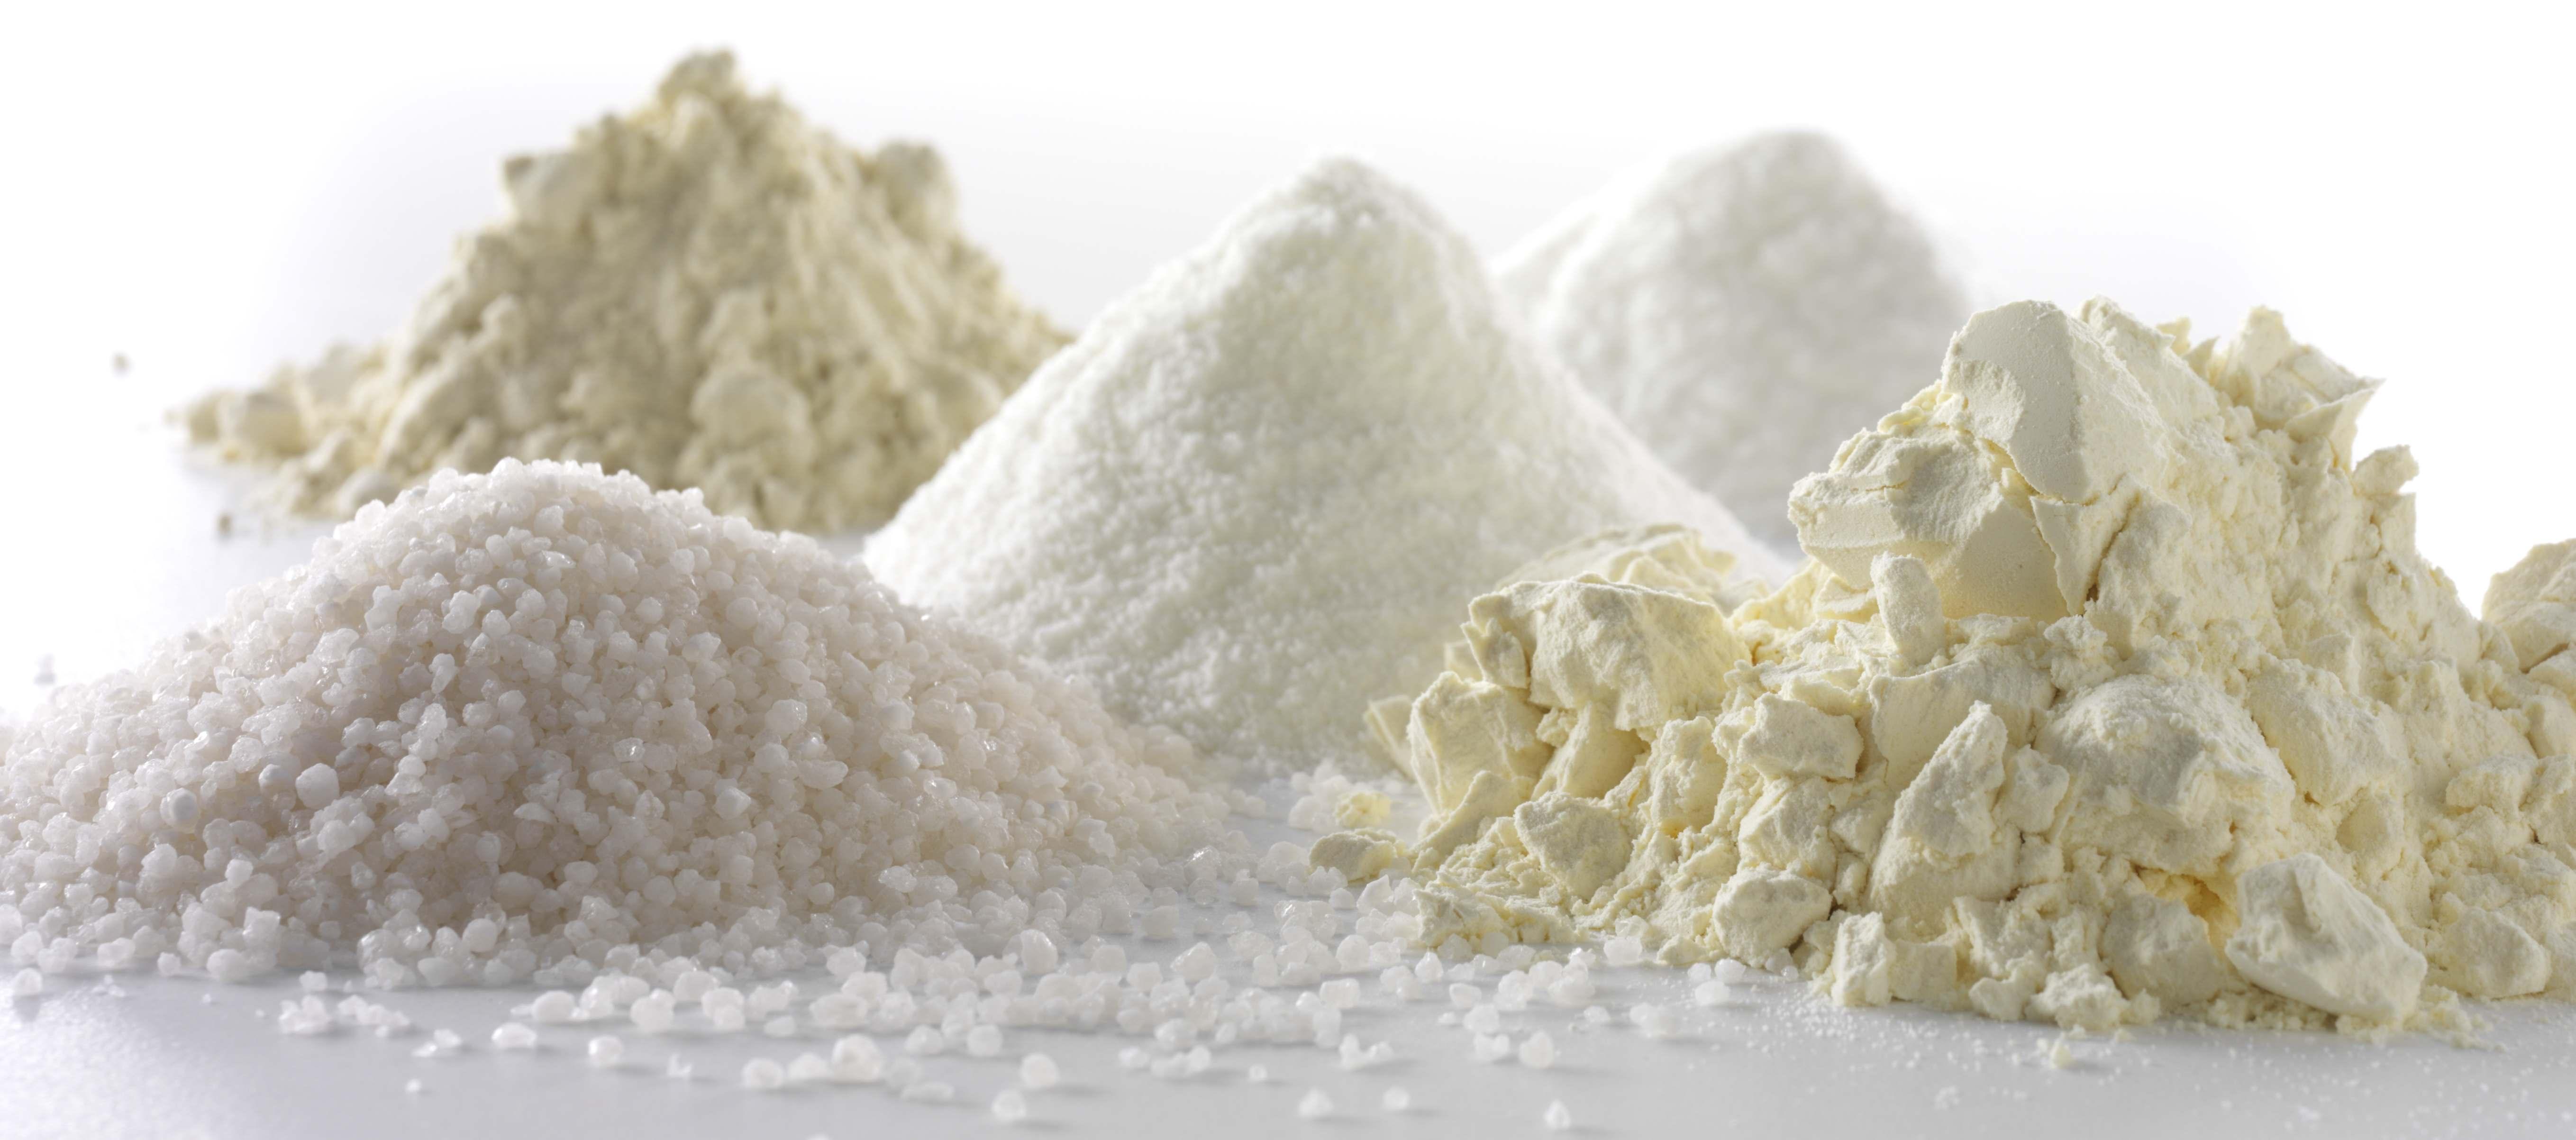 Mixing powder